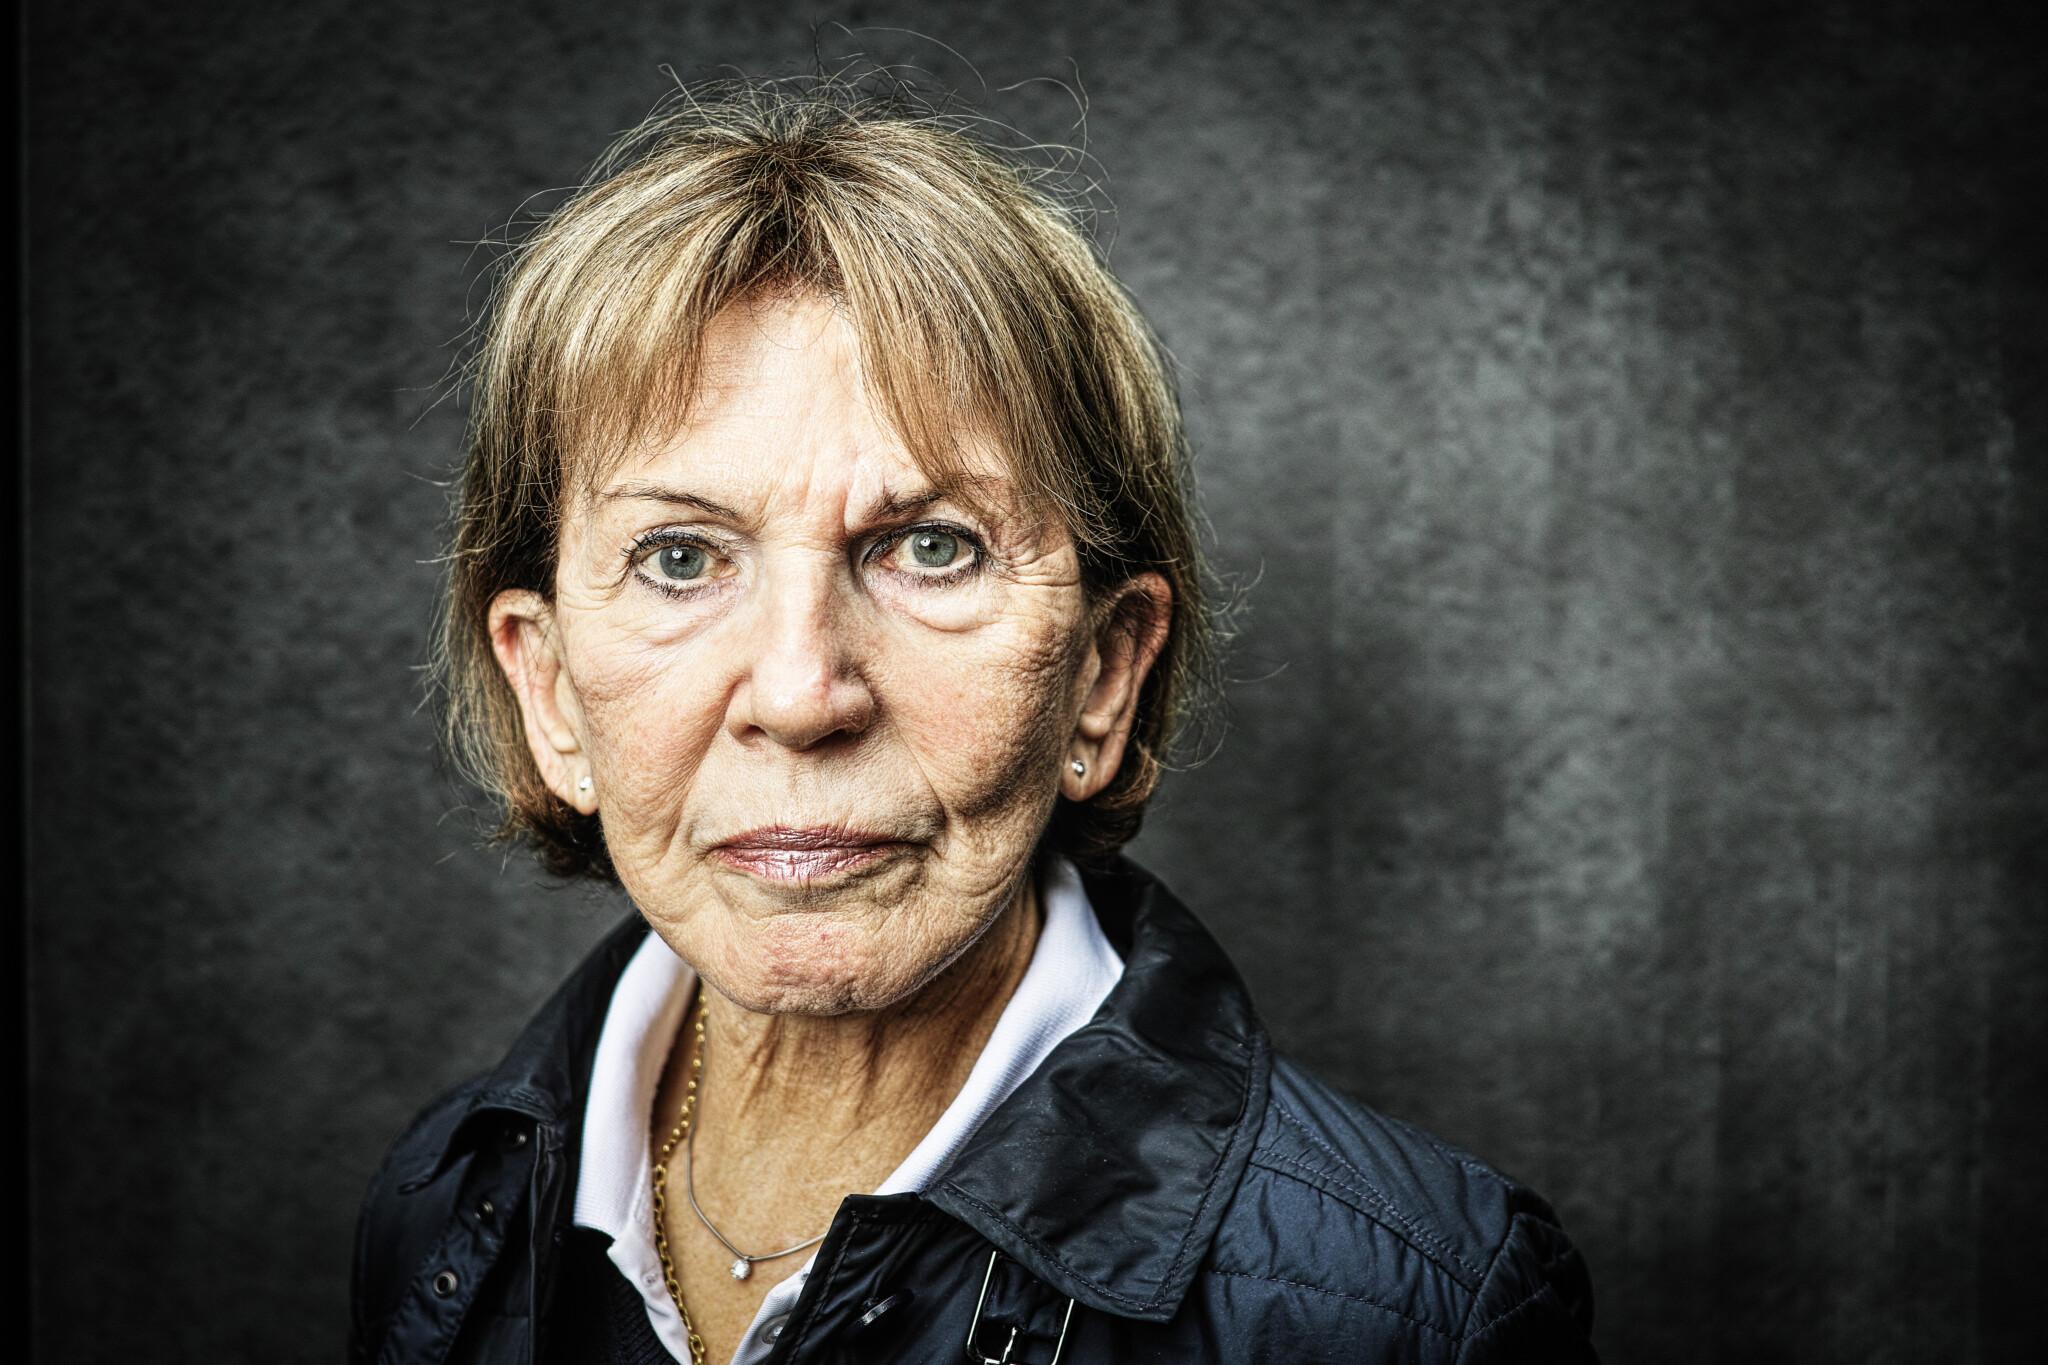 Herzlichen Glückwunsch zum Geburtstag, liebe Ruth Michel!